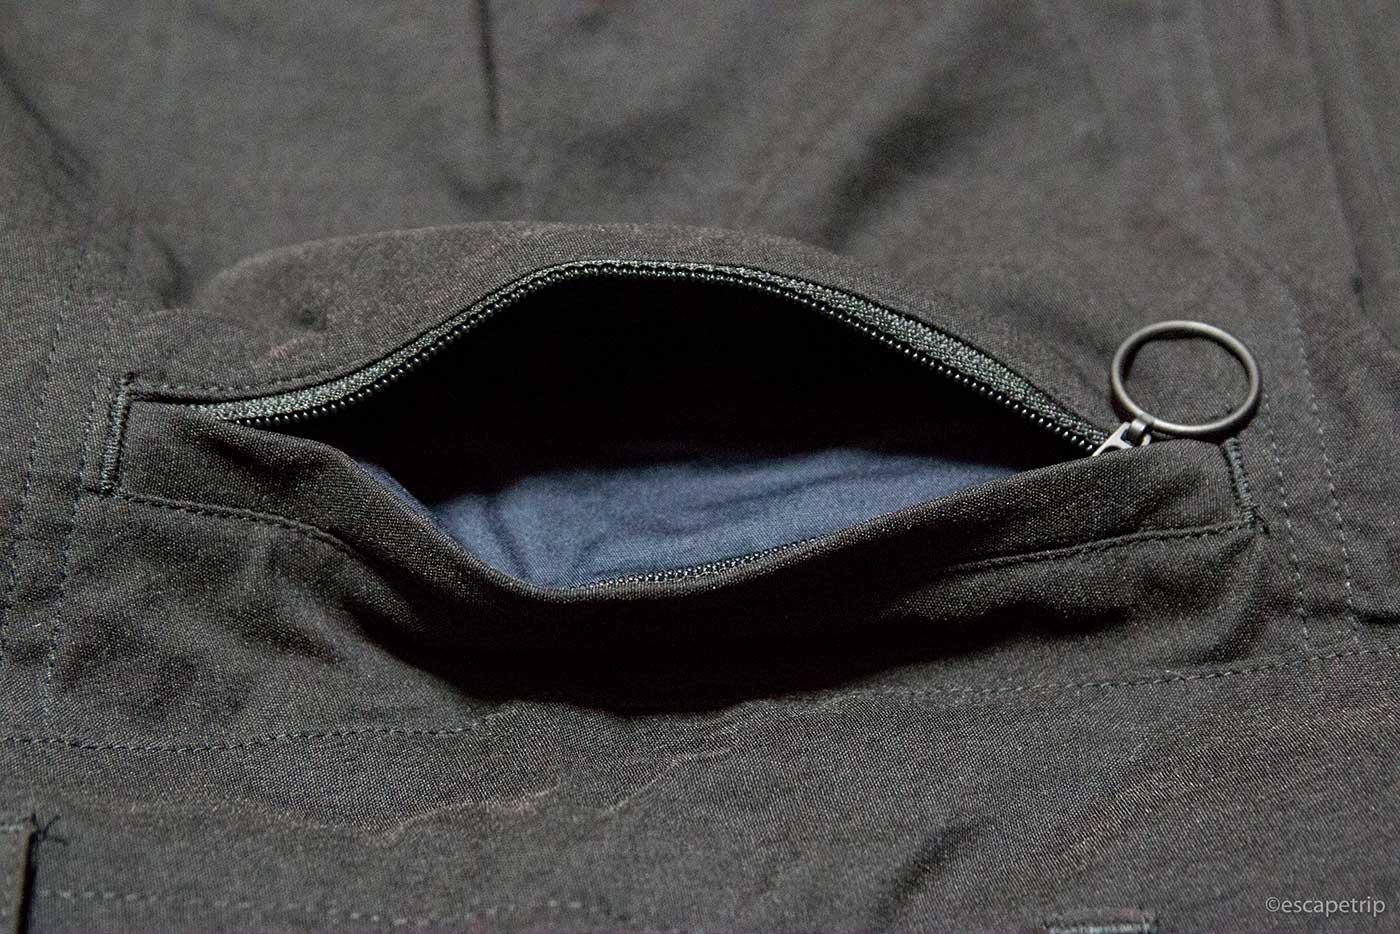 ラファの短パン「Randonnee Shorts」のジップポケット